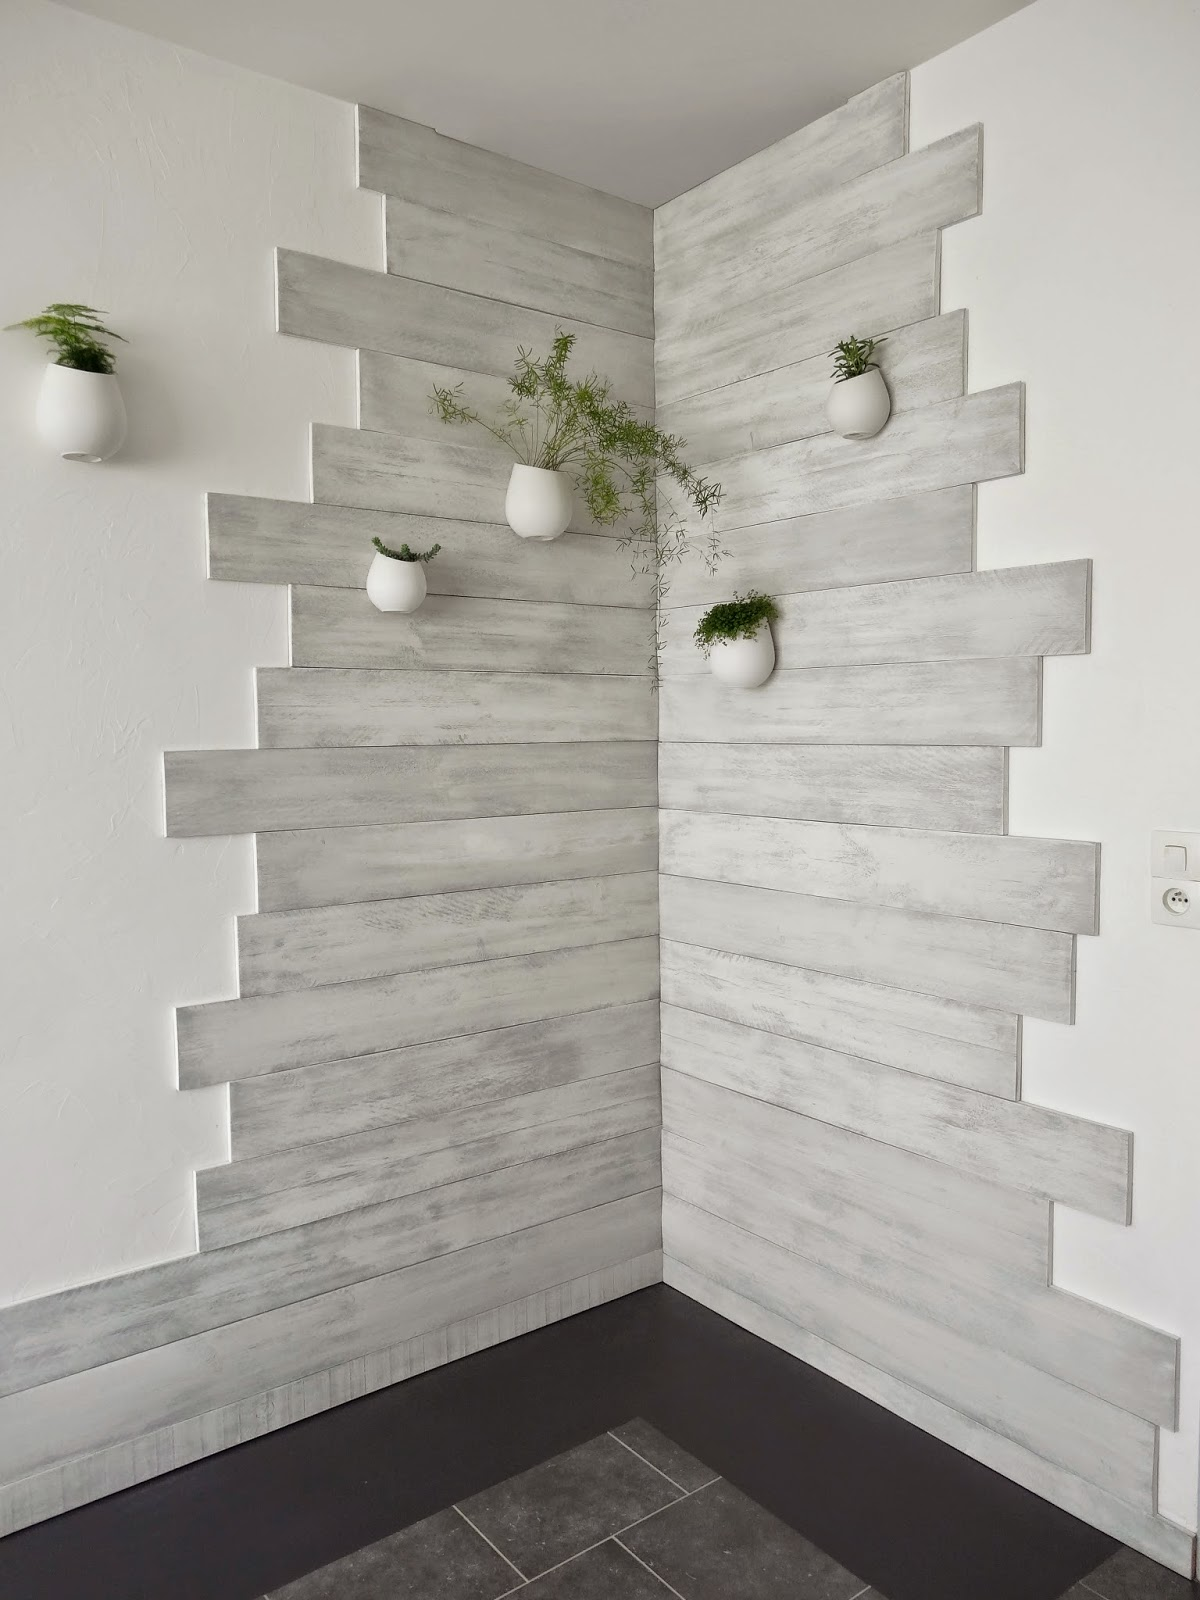 Blossompeinture projets d co for Papier peint sur meuble